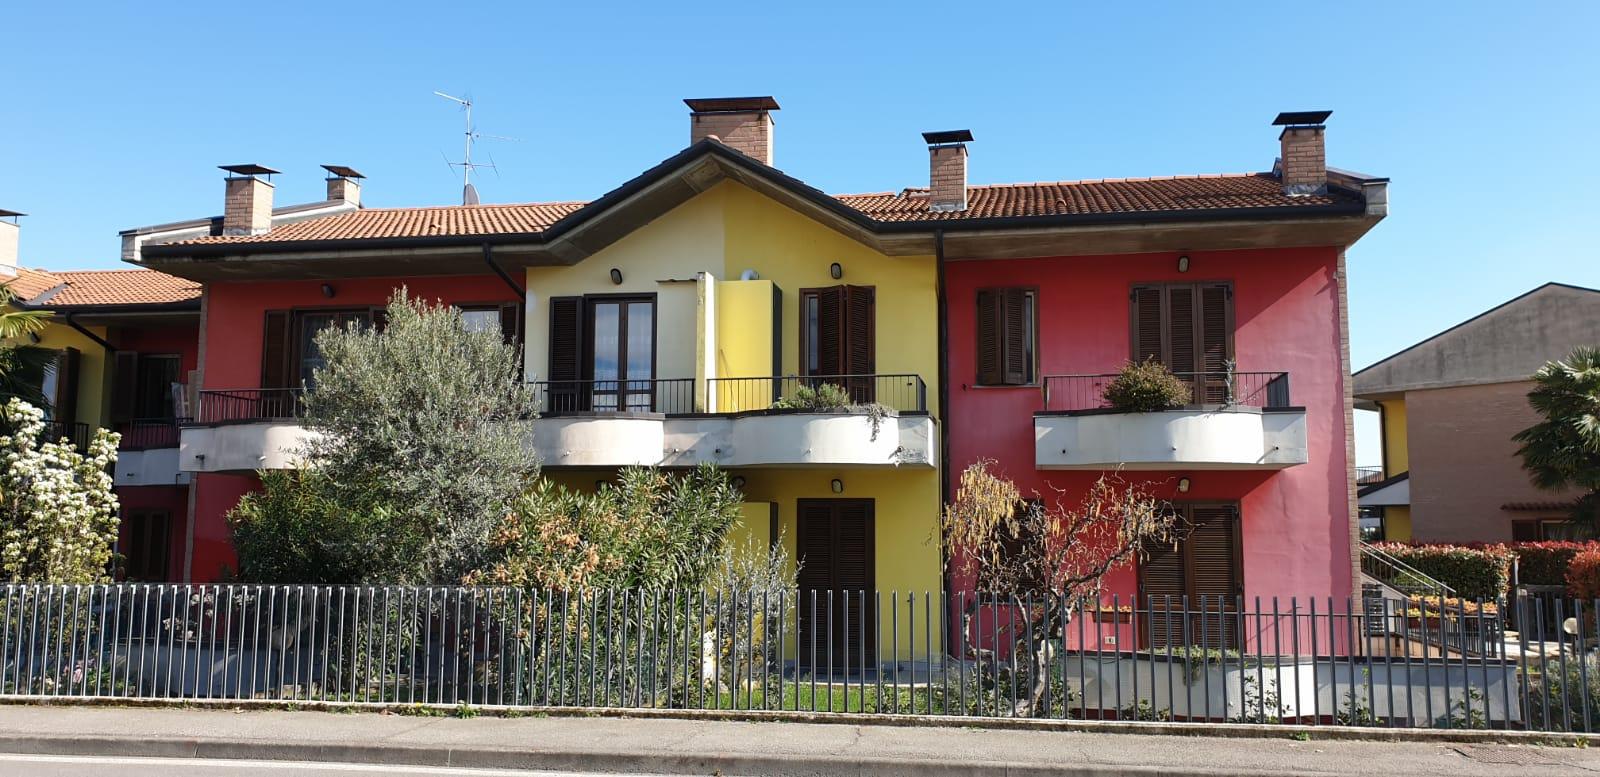 Appartamento in vendita a Ciserano, 3 locali, prezzo € 138.500 | CambioCasa.it